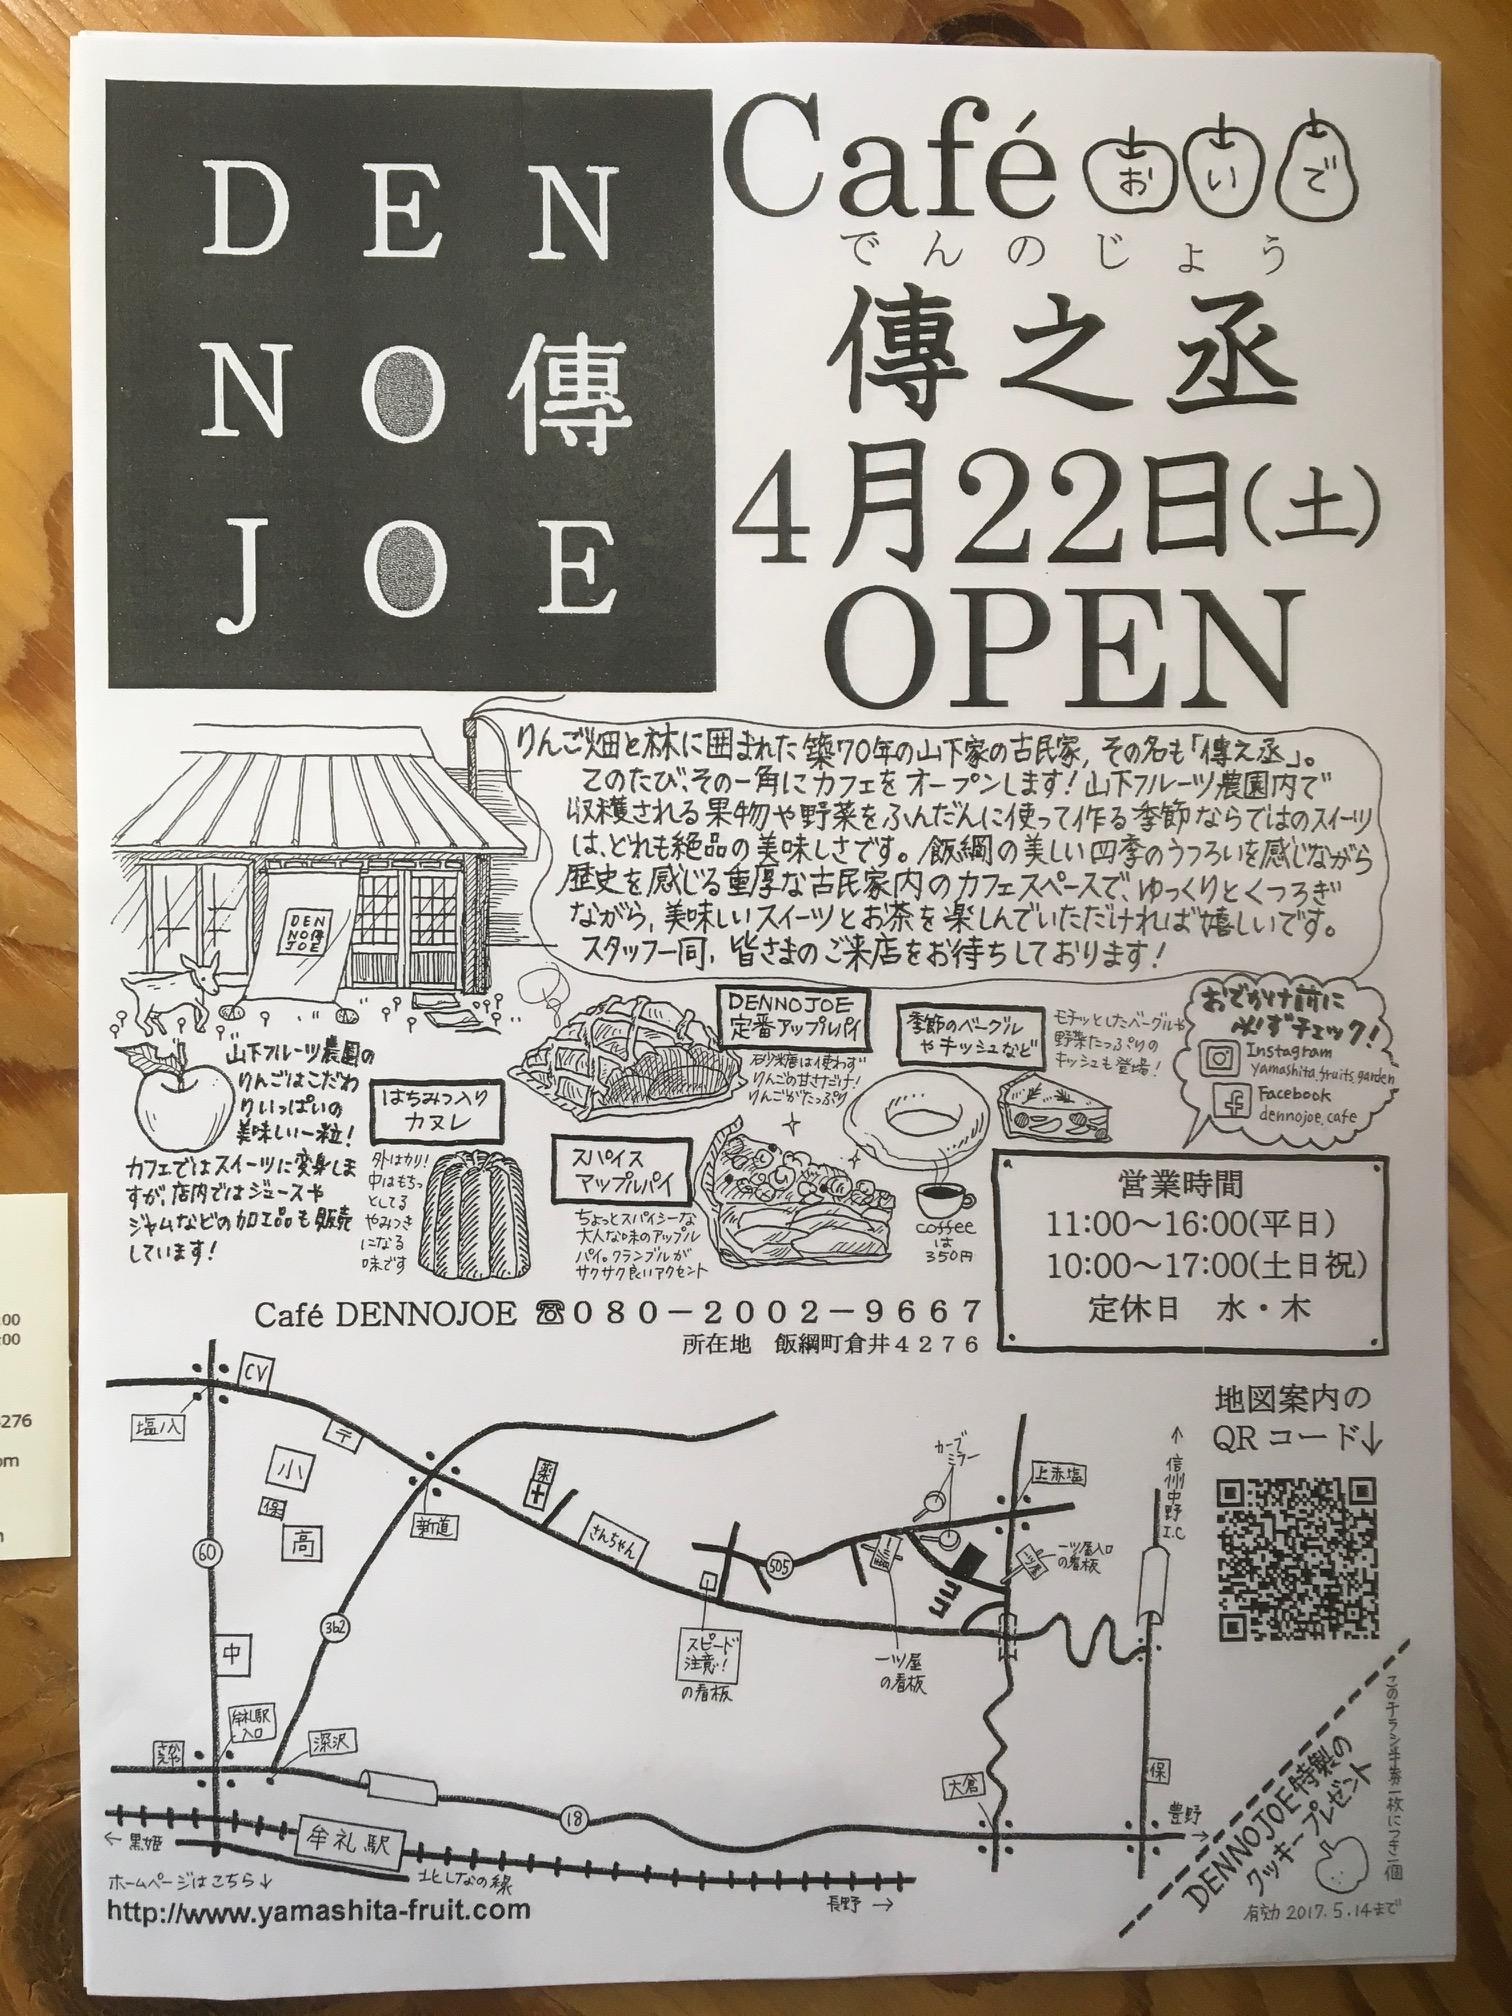 Cafe 傳之丞(でんのじょう)